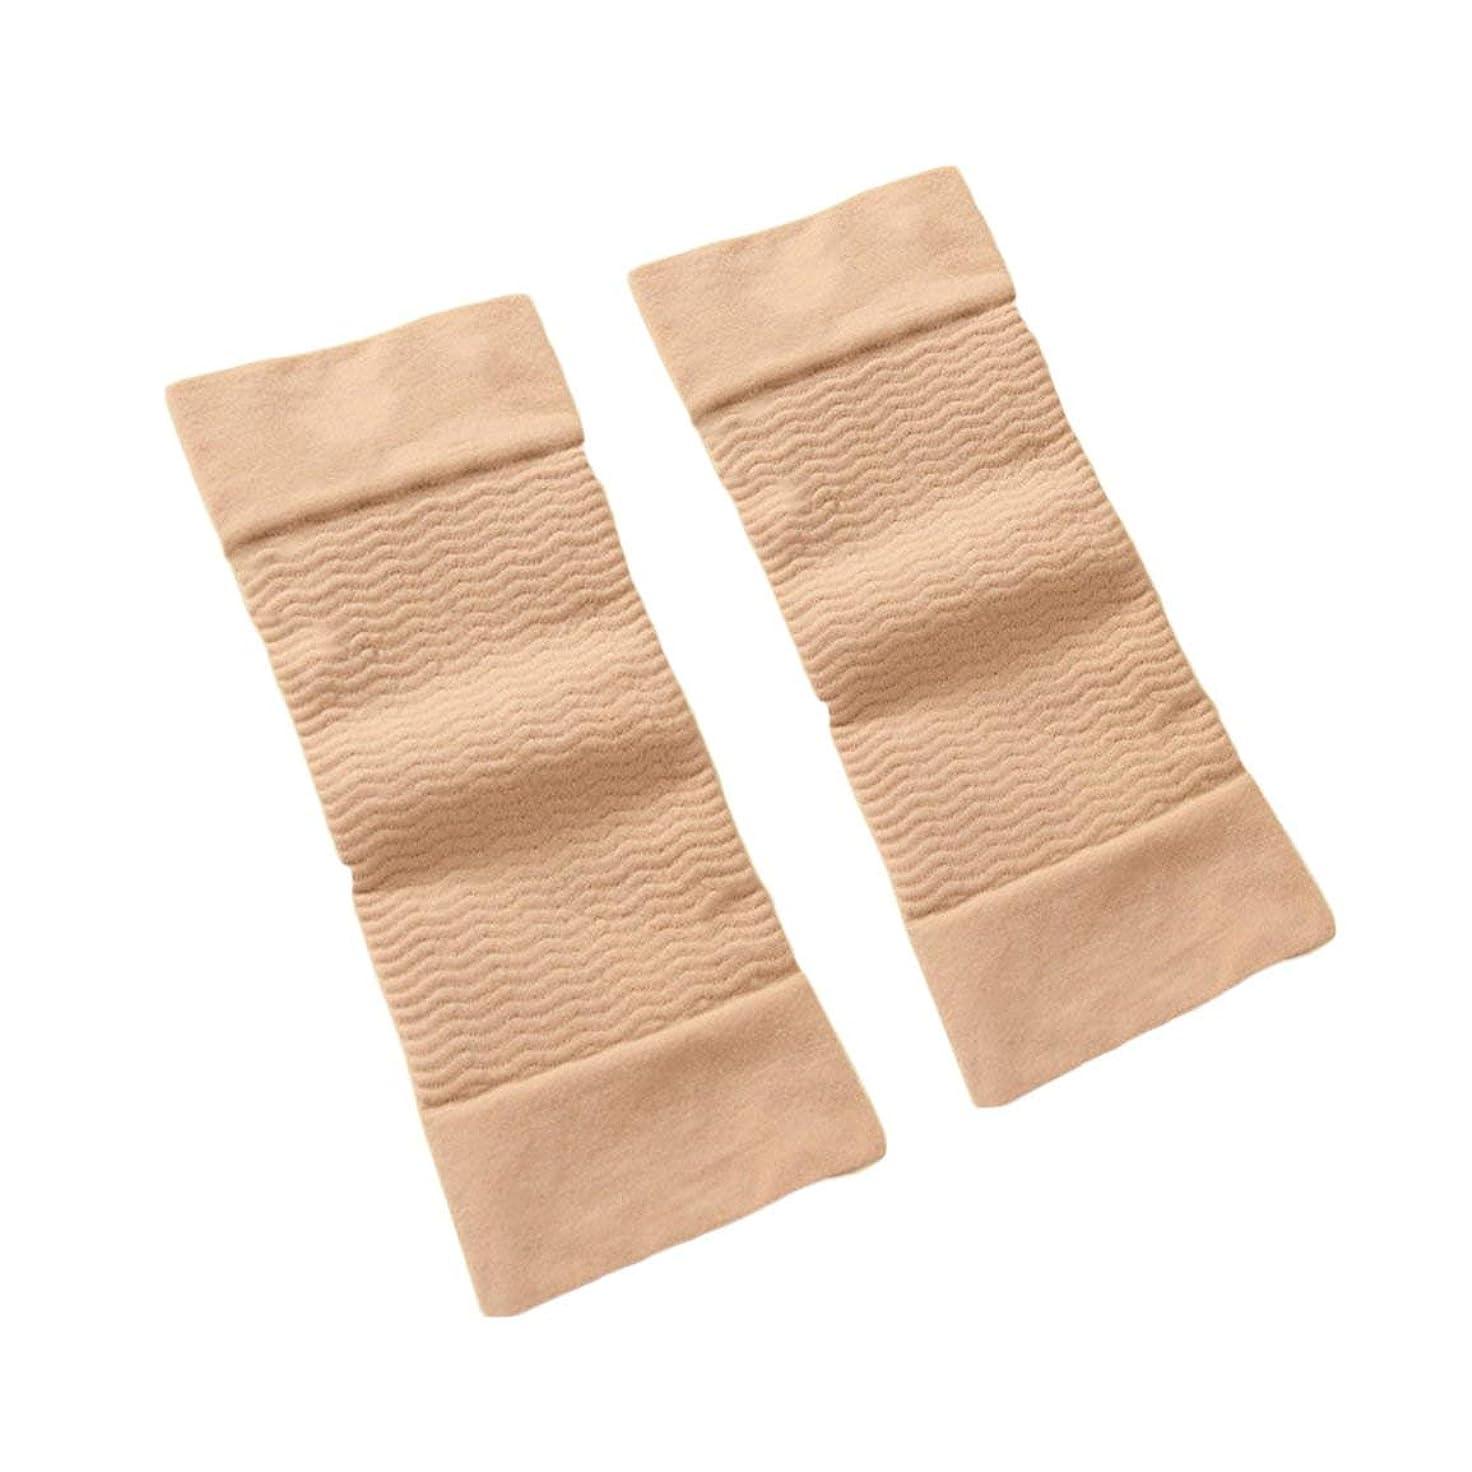 略語賛美歌ブロックする1ペア420 D圧縮痩身アームスリーブワークアウトトーニングバーンセルライトシェイパー脂肪燃焼袖用女性 - 肌色